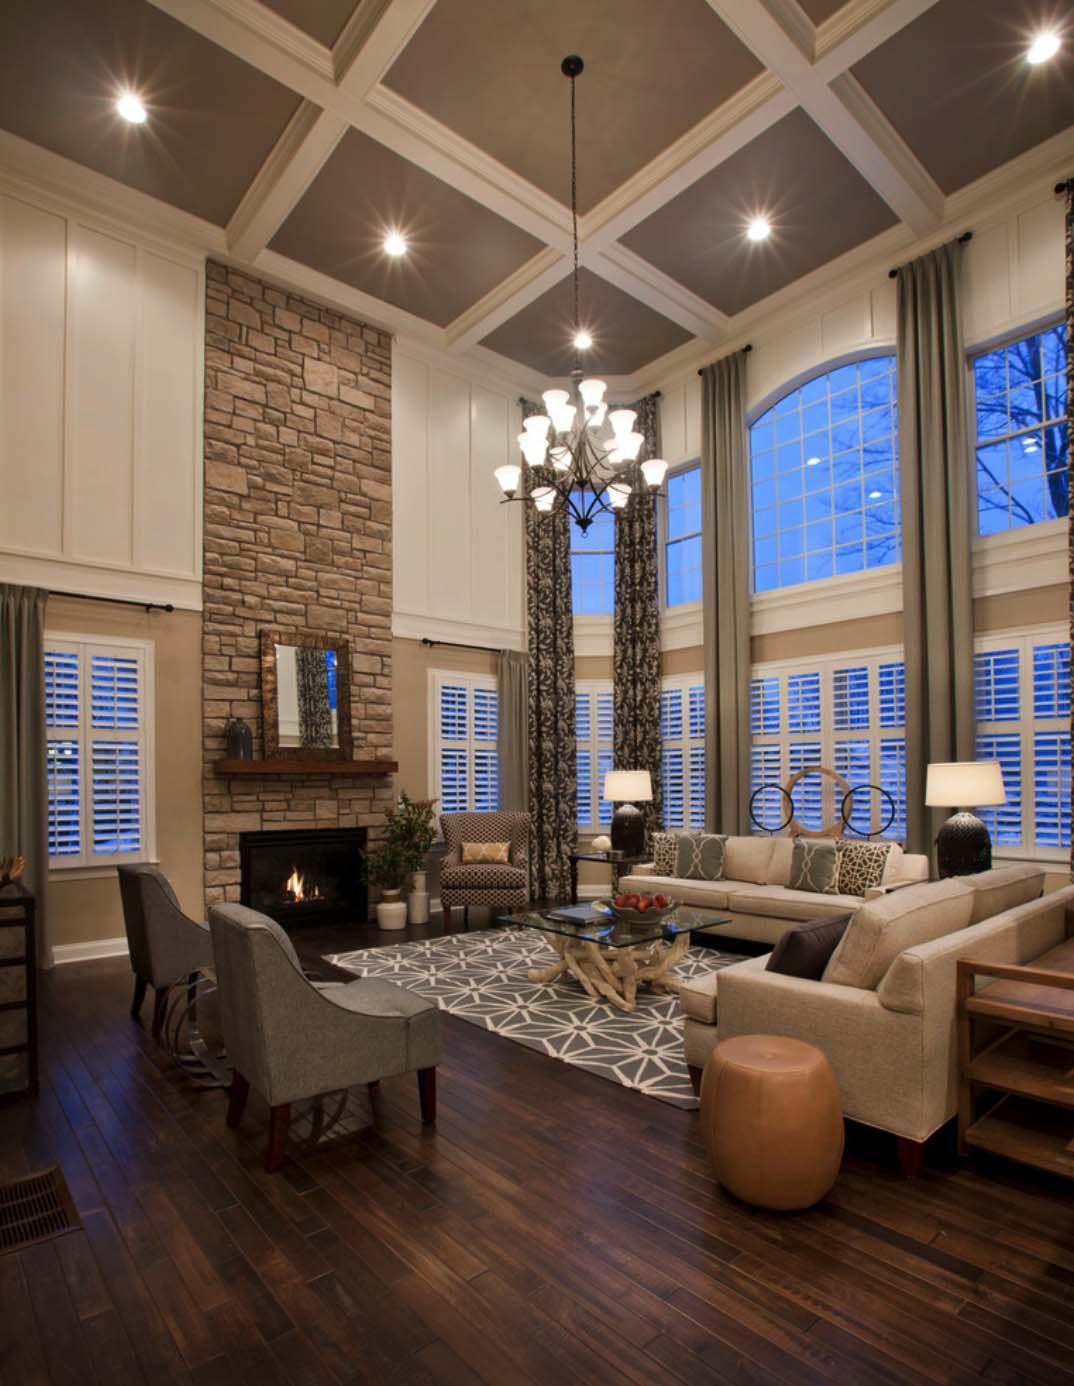 Exquisite Model Home In Massachusetts Showcases Inspiring Details House Design Family Room Design House Interior